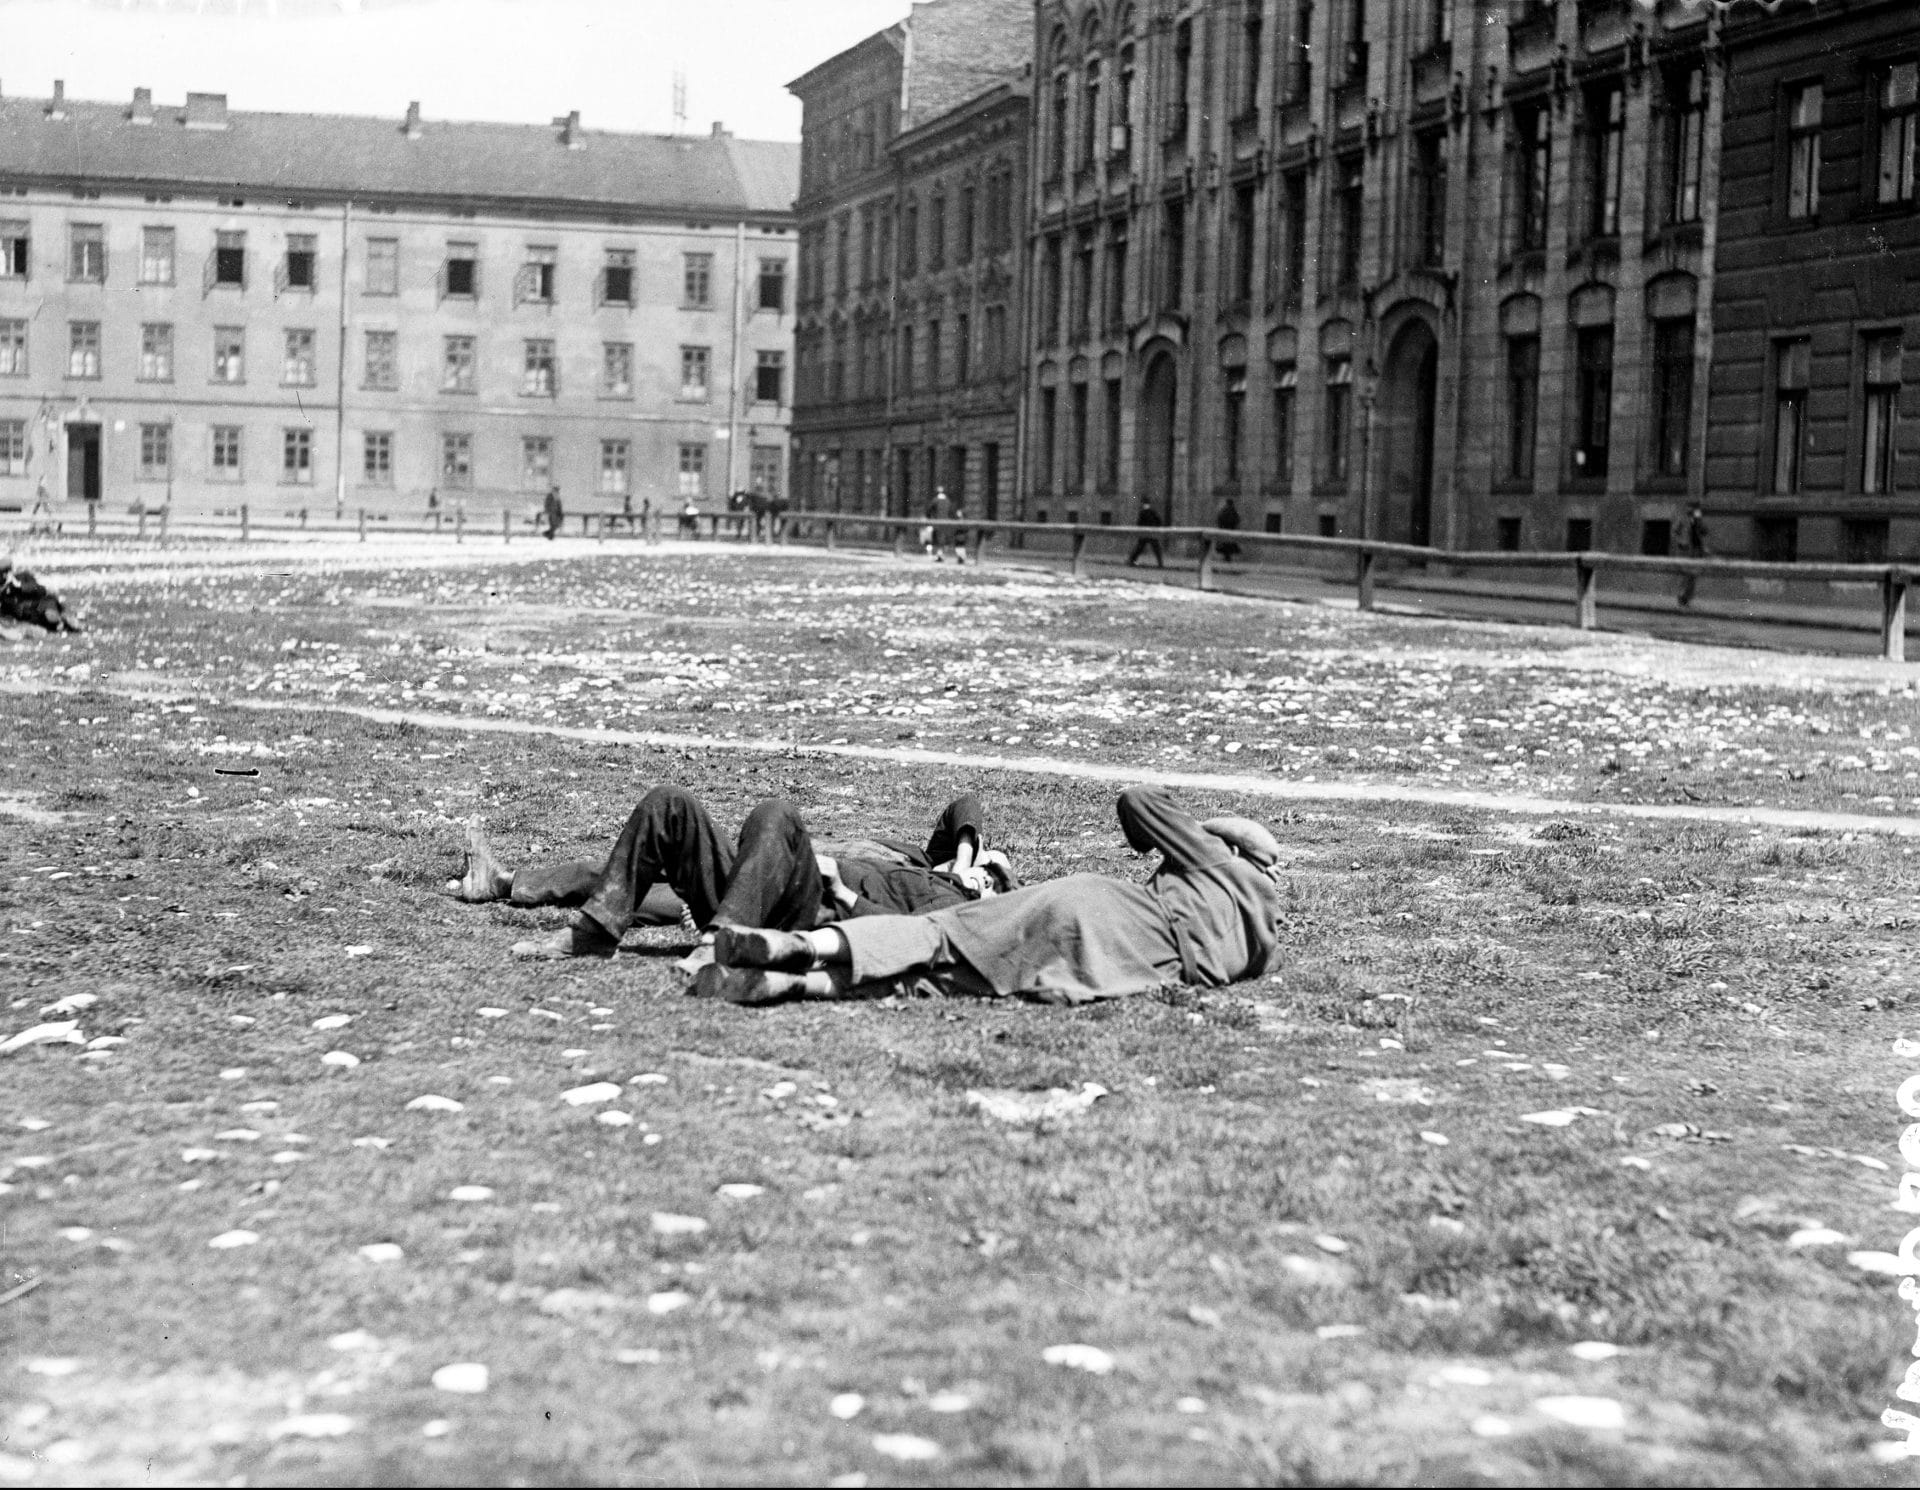 Bezrobotni mężczyźni leżący na trawie. Kraków, 1930 r. Źródło: Narodowe Archiwum Cyfrowe.